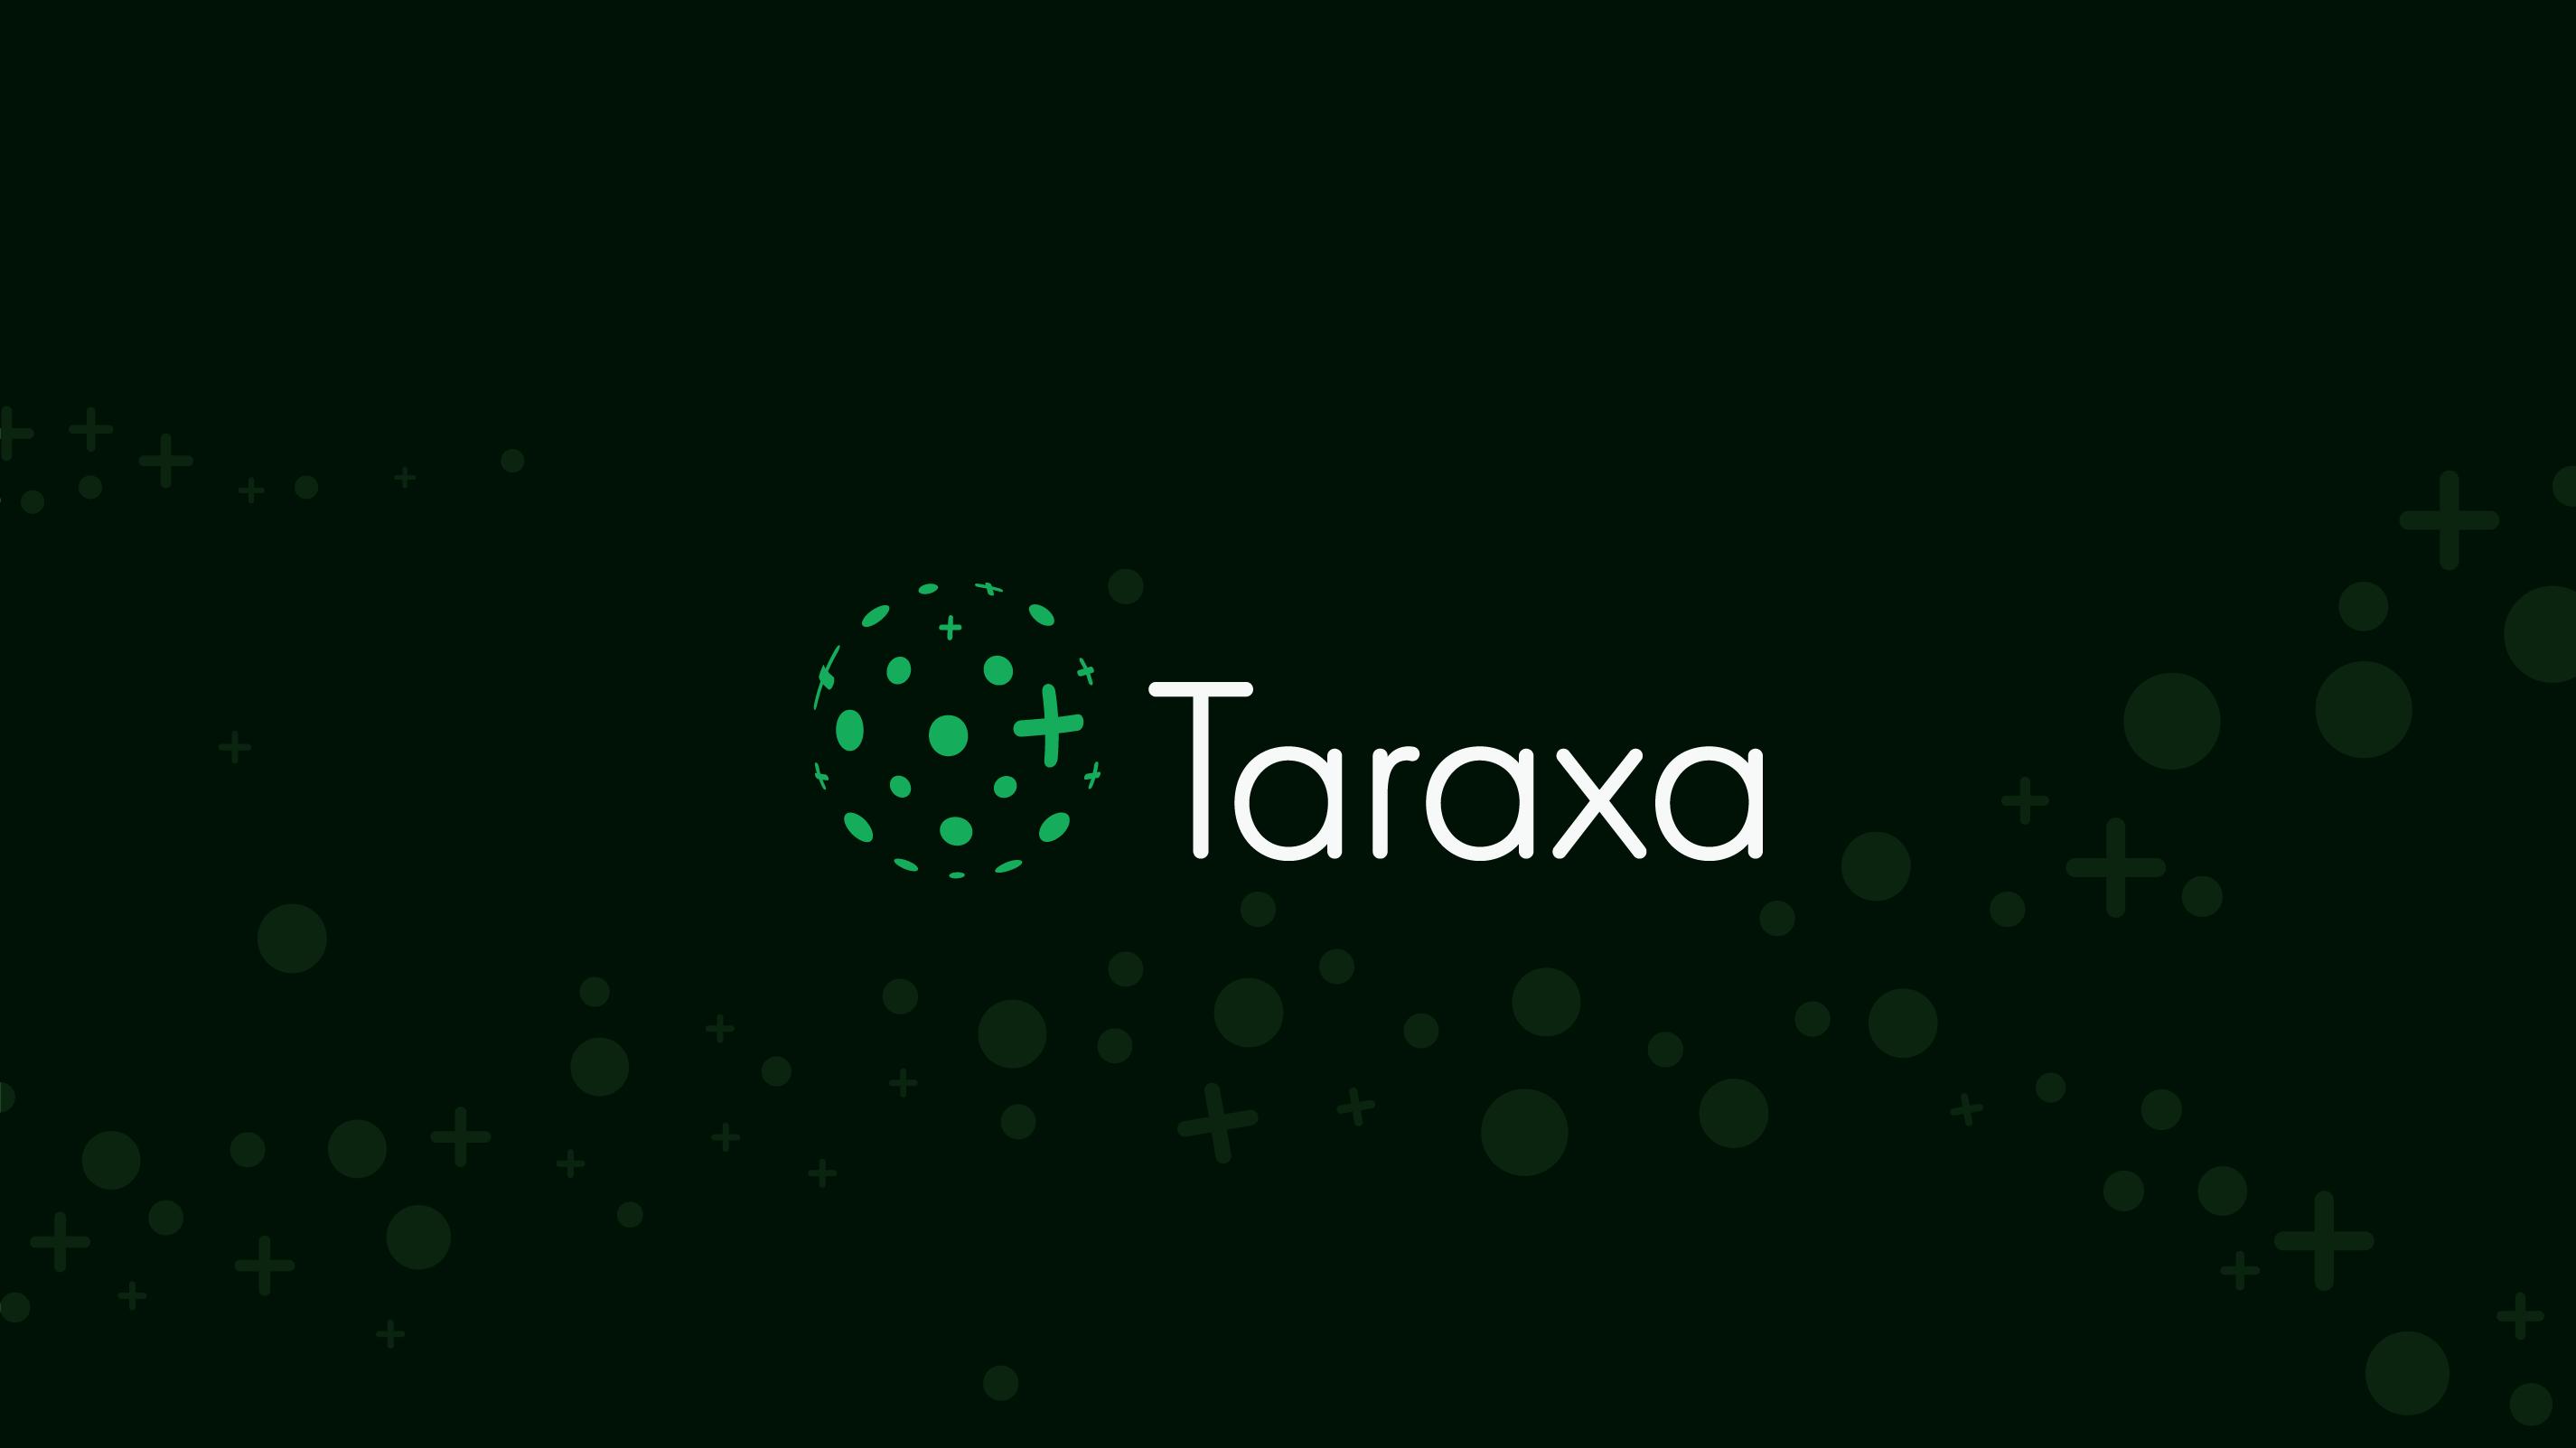 Taraxa Project